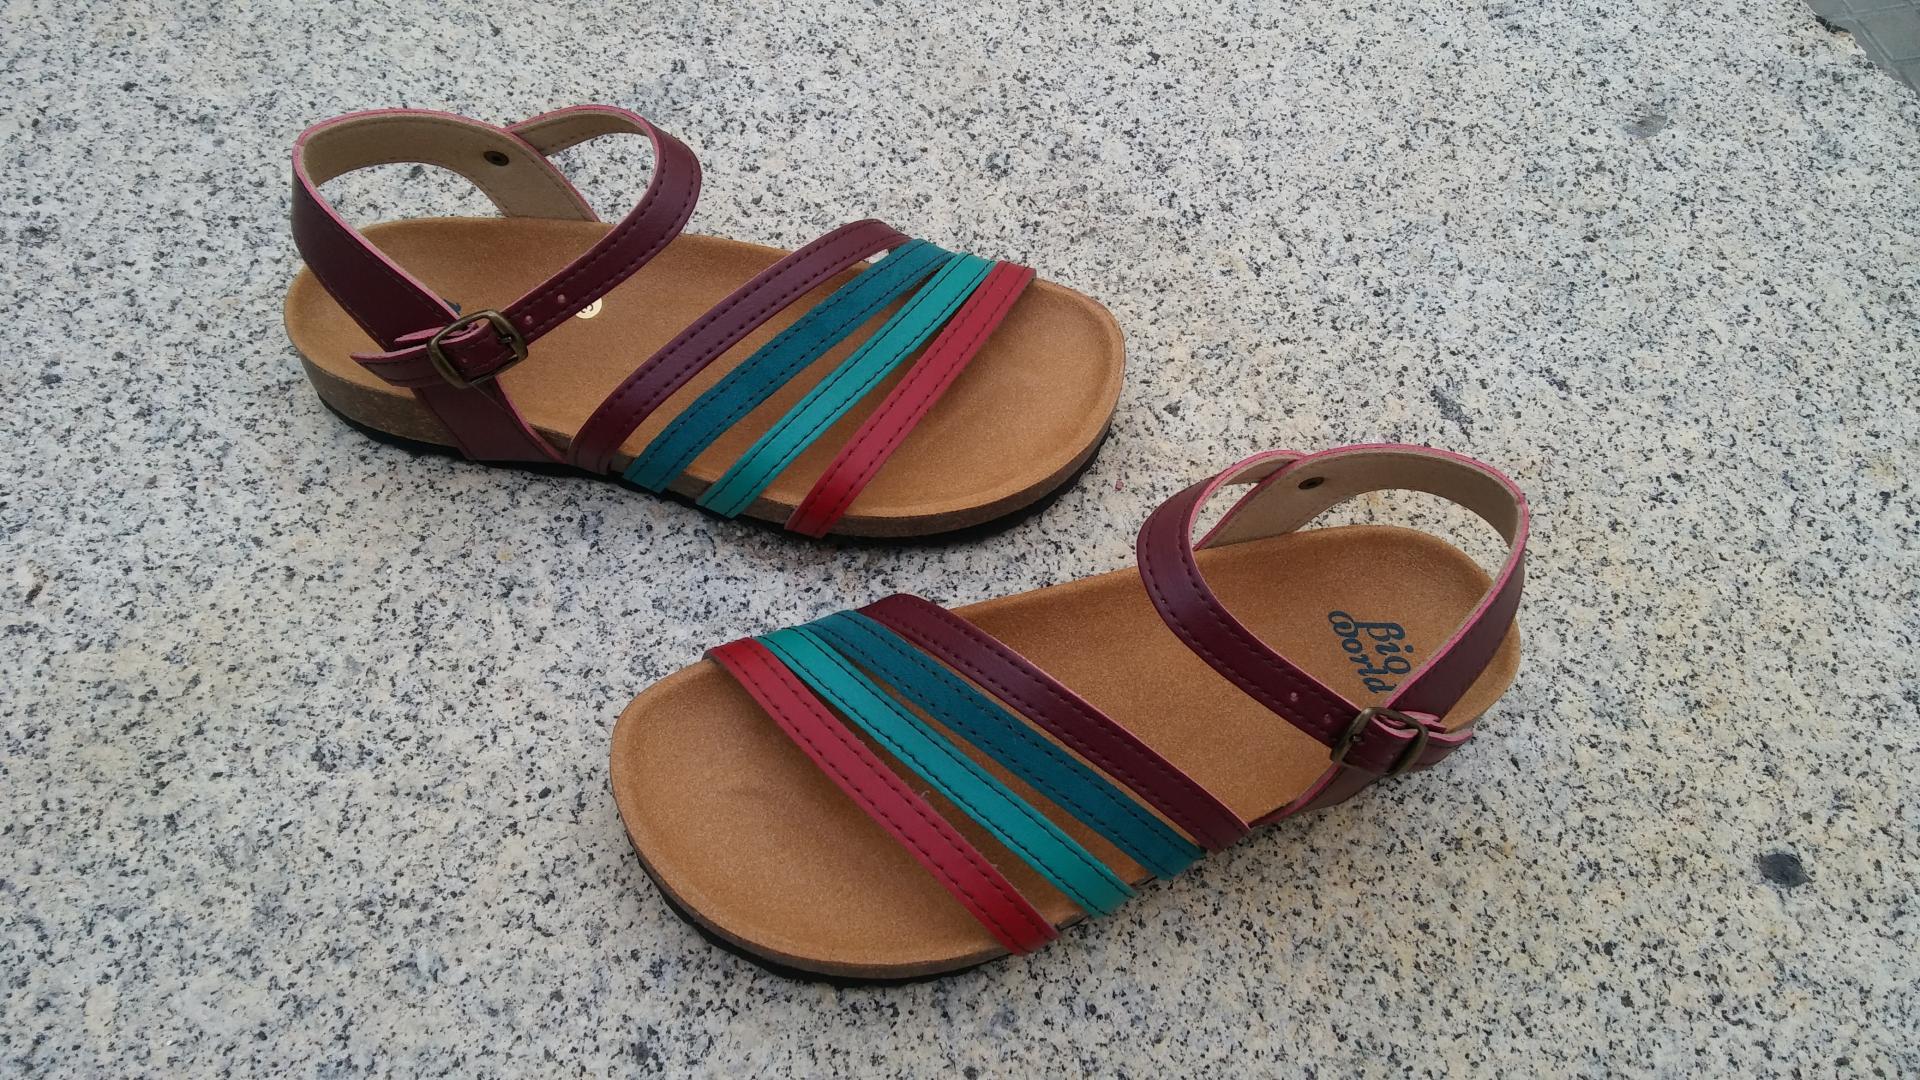 GRANADA, sandalias veganas, sandalias veganas mujer, calzado vegano, sandalias de tacón bajo, sandalias bioworld, vegan shoes, sandalias de colores.